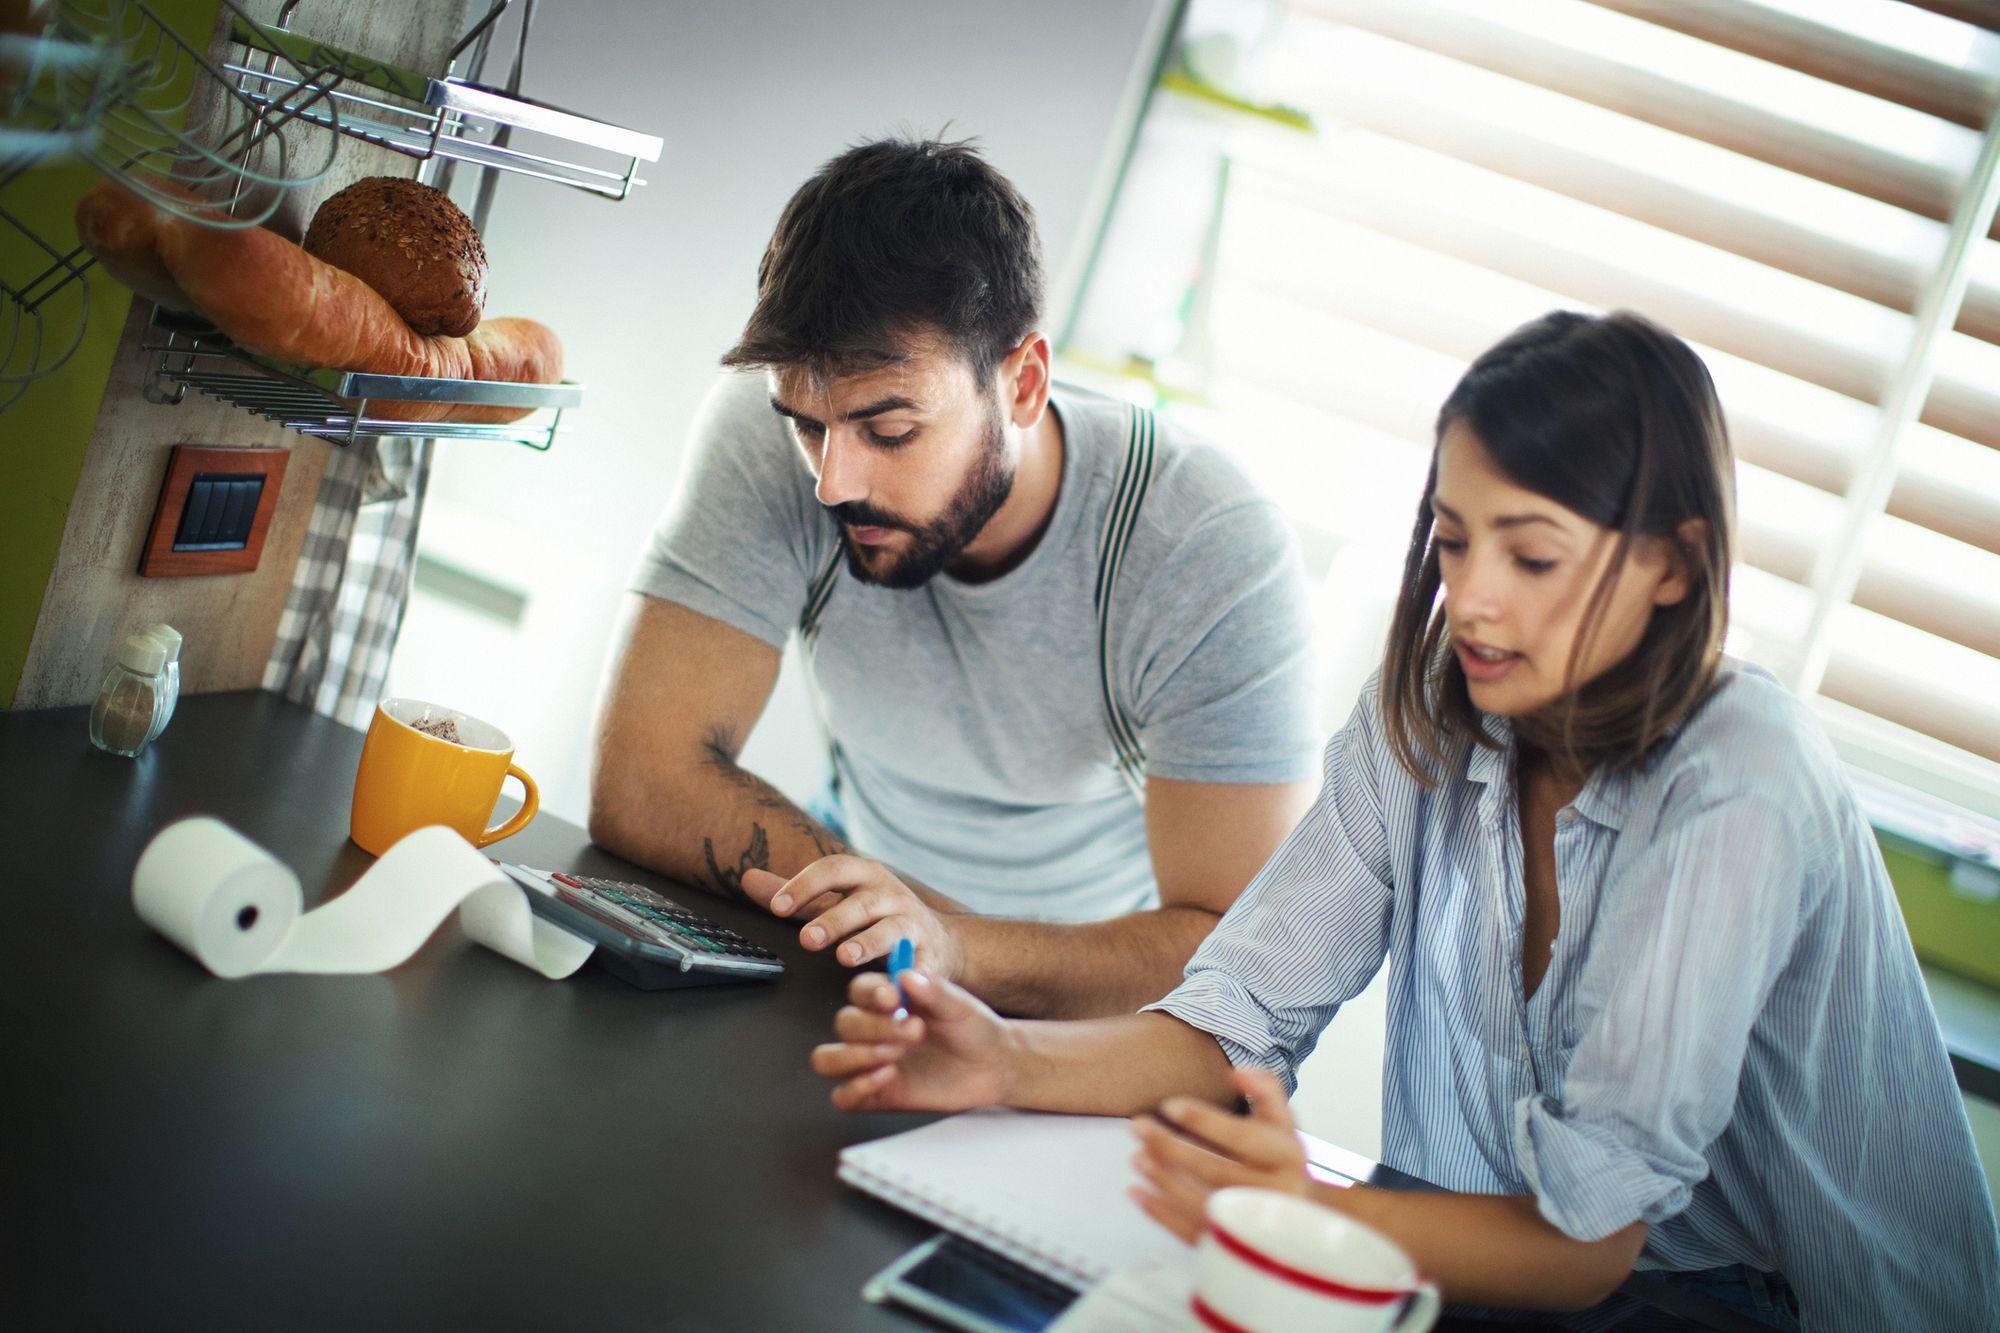 Mortgage Refi vs. Personal Loan to Escape Credit Card Debt